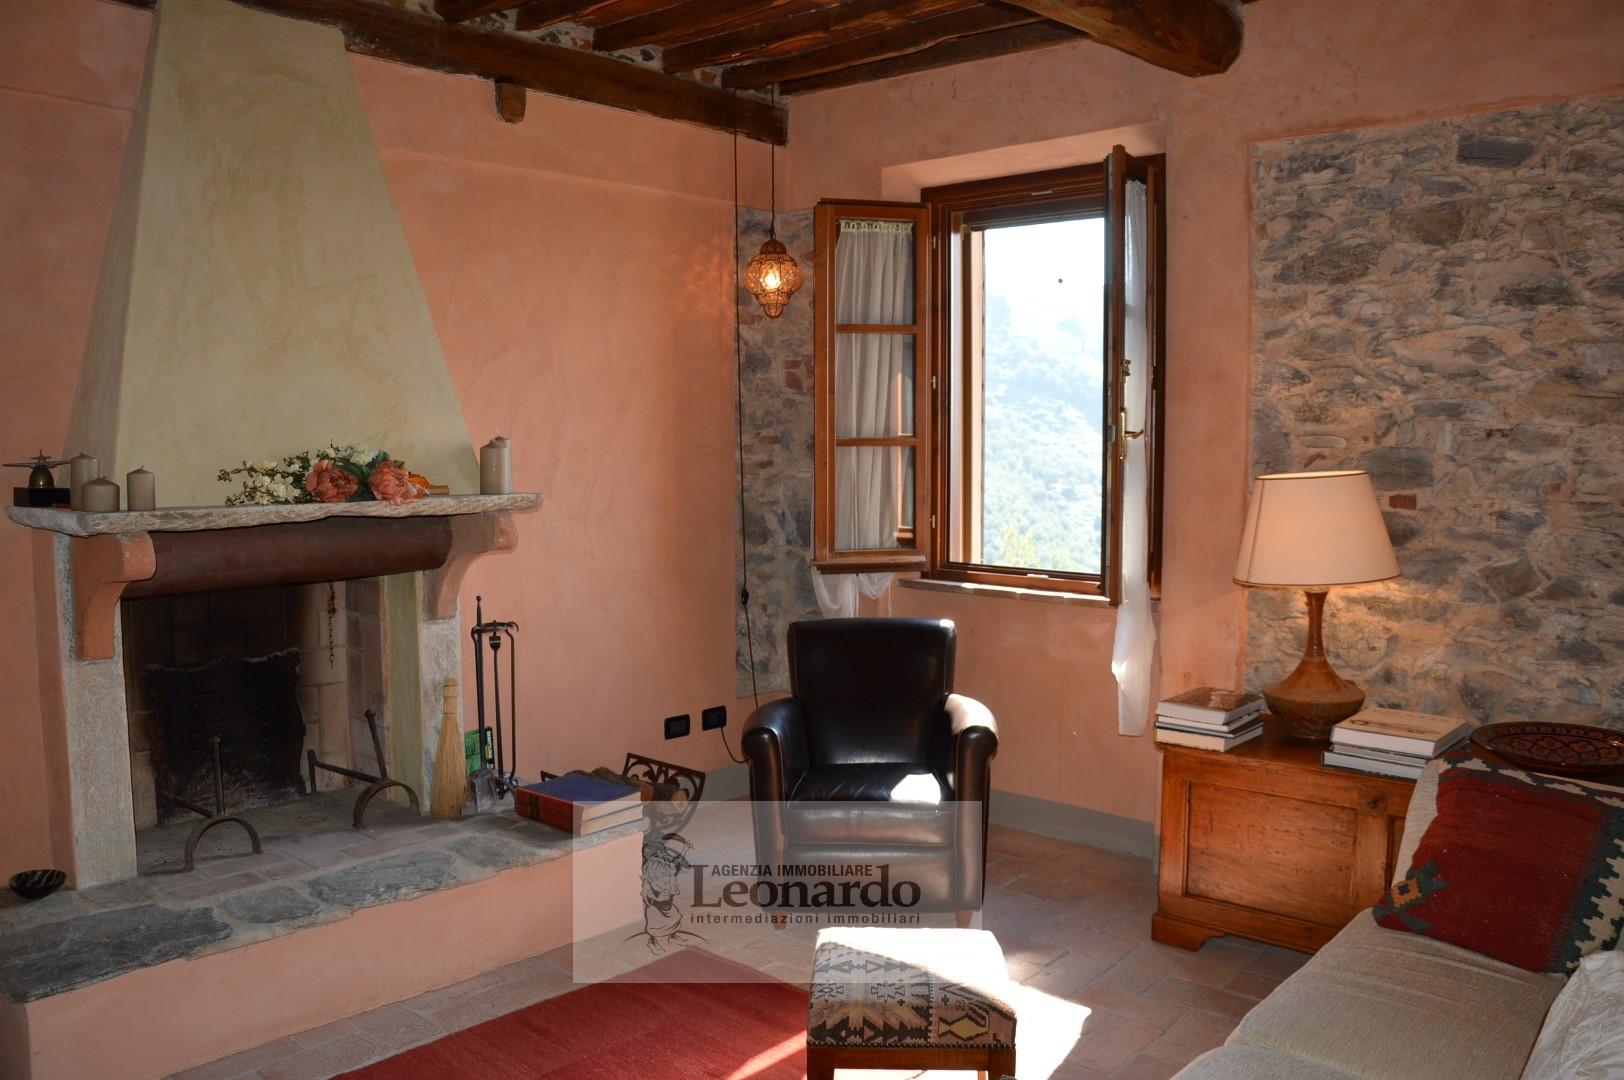 Rustico / Casale in vendita a Massarosa, 7 locali, zona Località: PieveaElici, prezzo € 470.000 | Cambio Casa.it